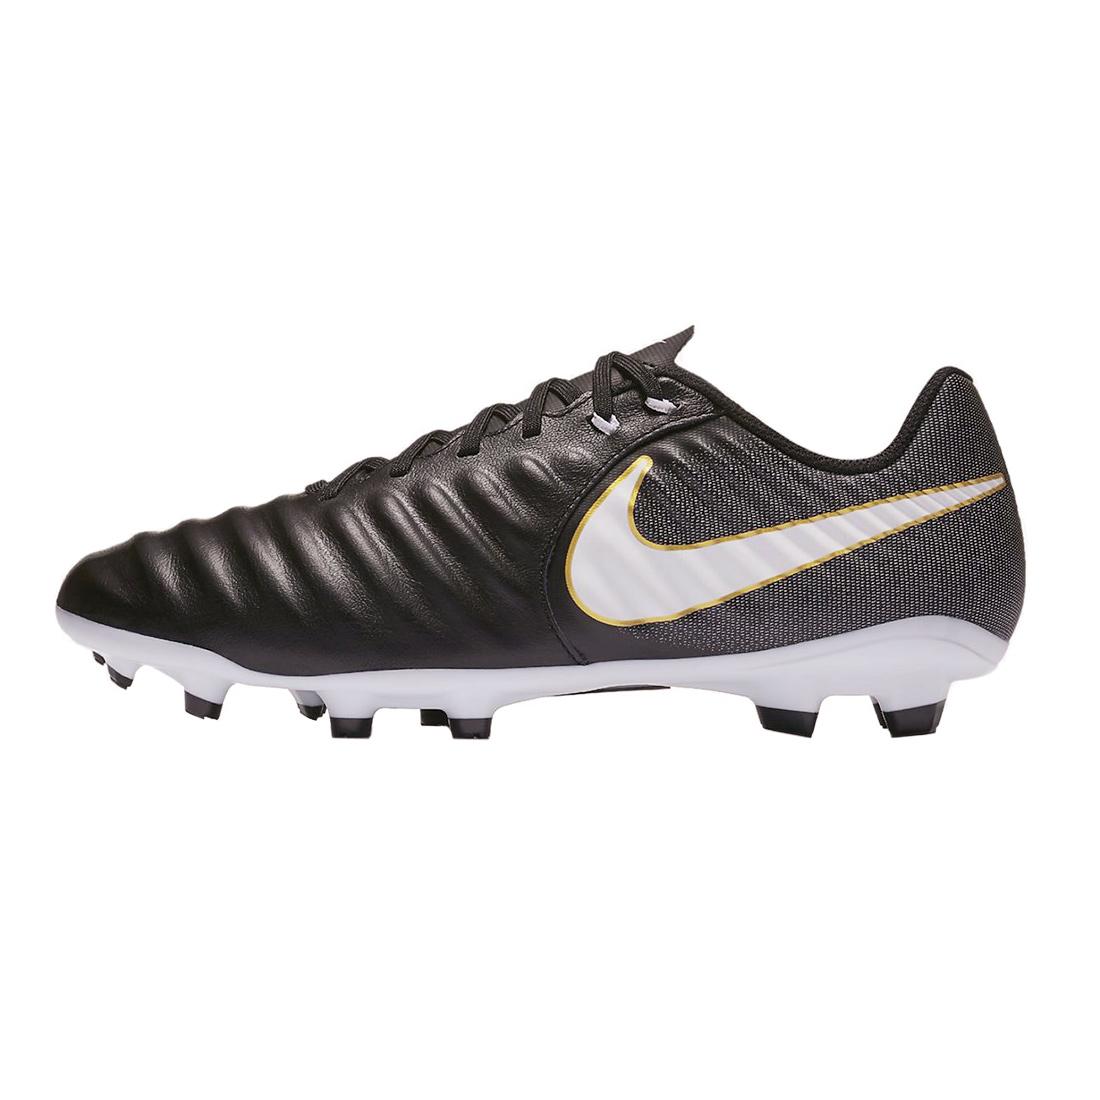 39a1259105db23 Nike Tiempo Ligera IV FG - Herren Fussballschuhe - 897744-002 schwarz weiß  001